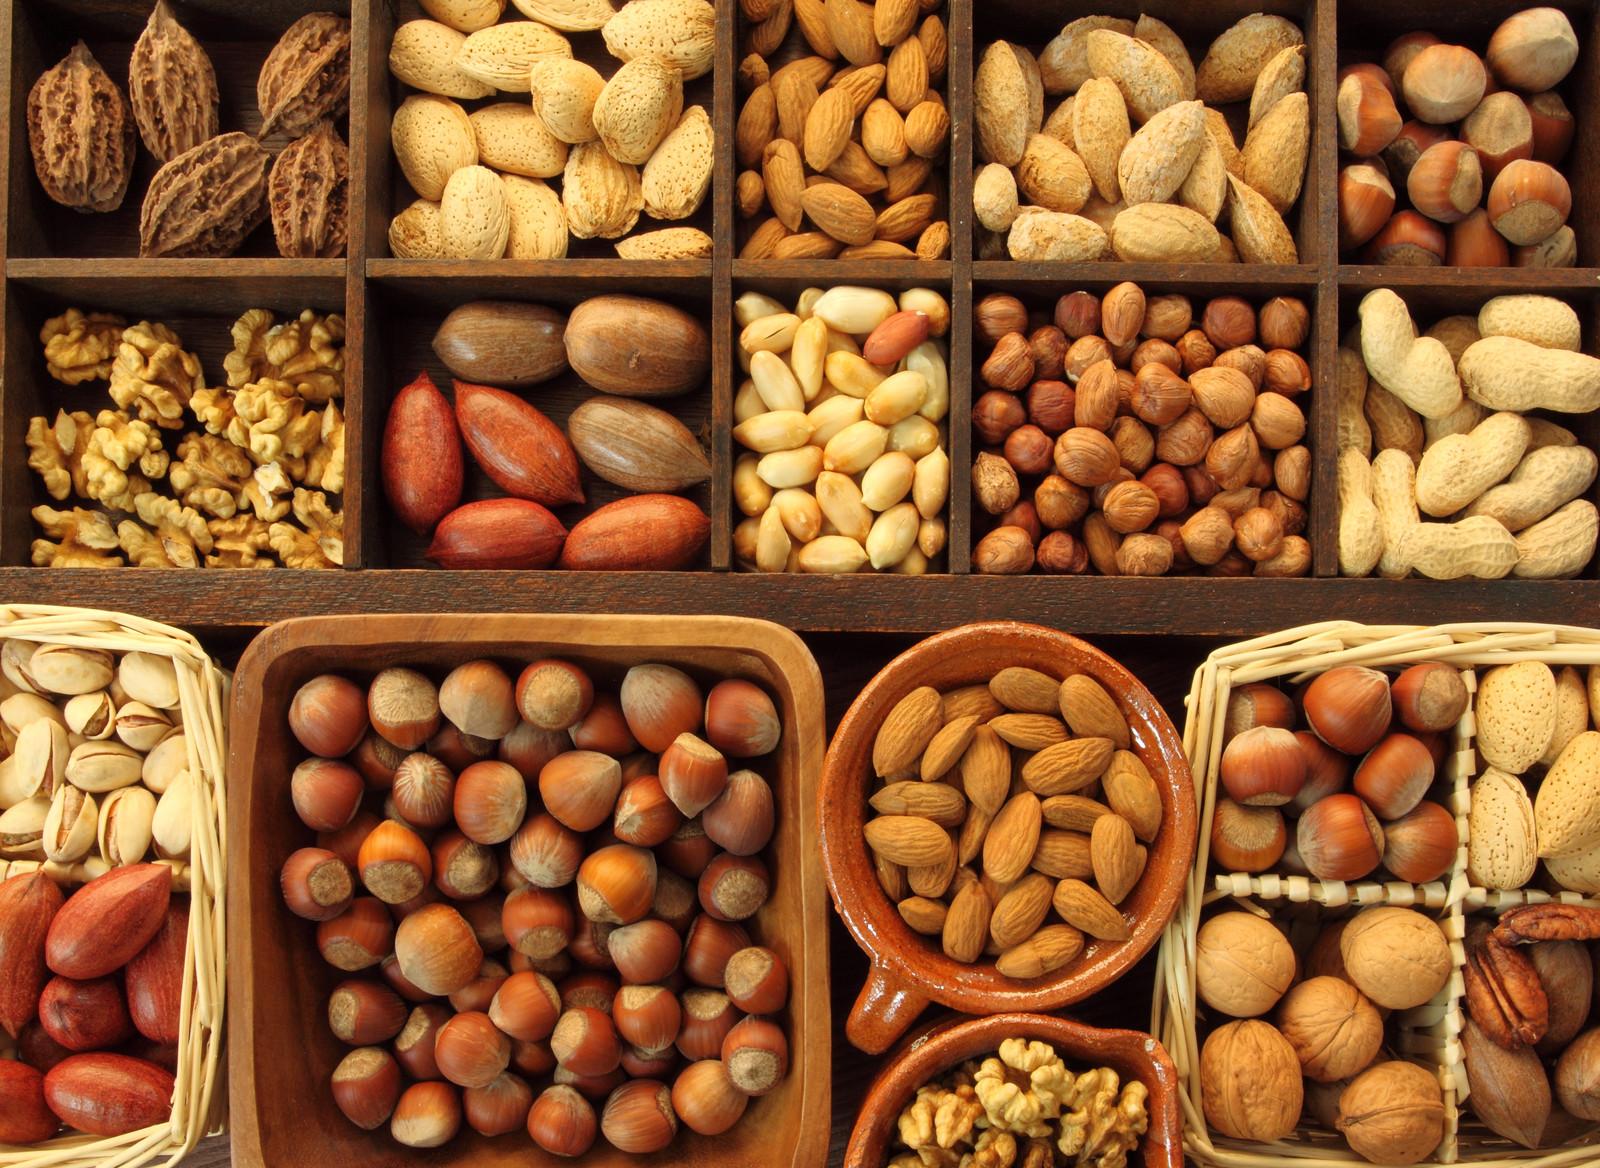 Фасованные орешки — идея малого бизнеса!